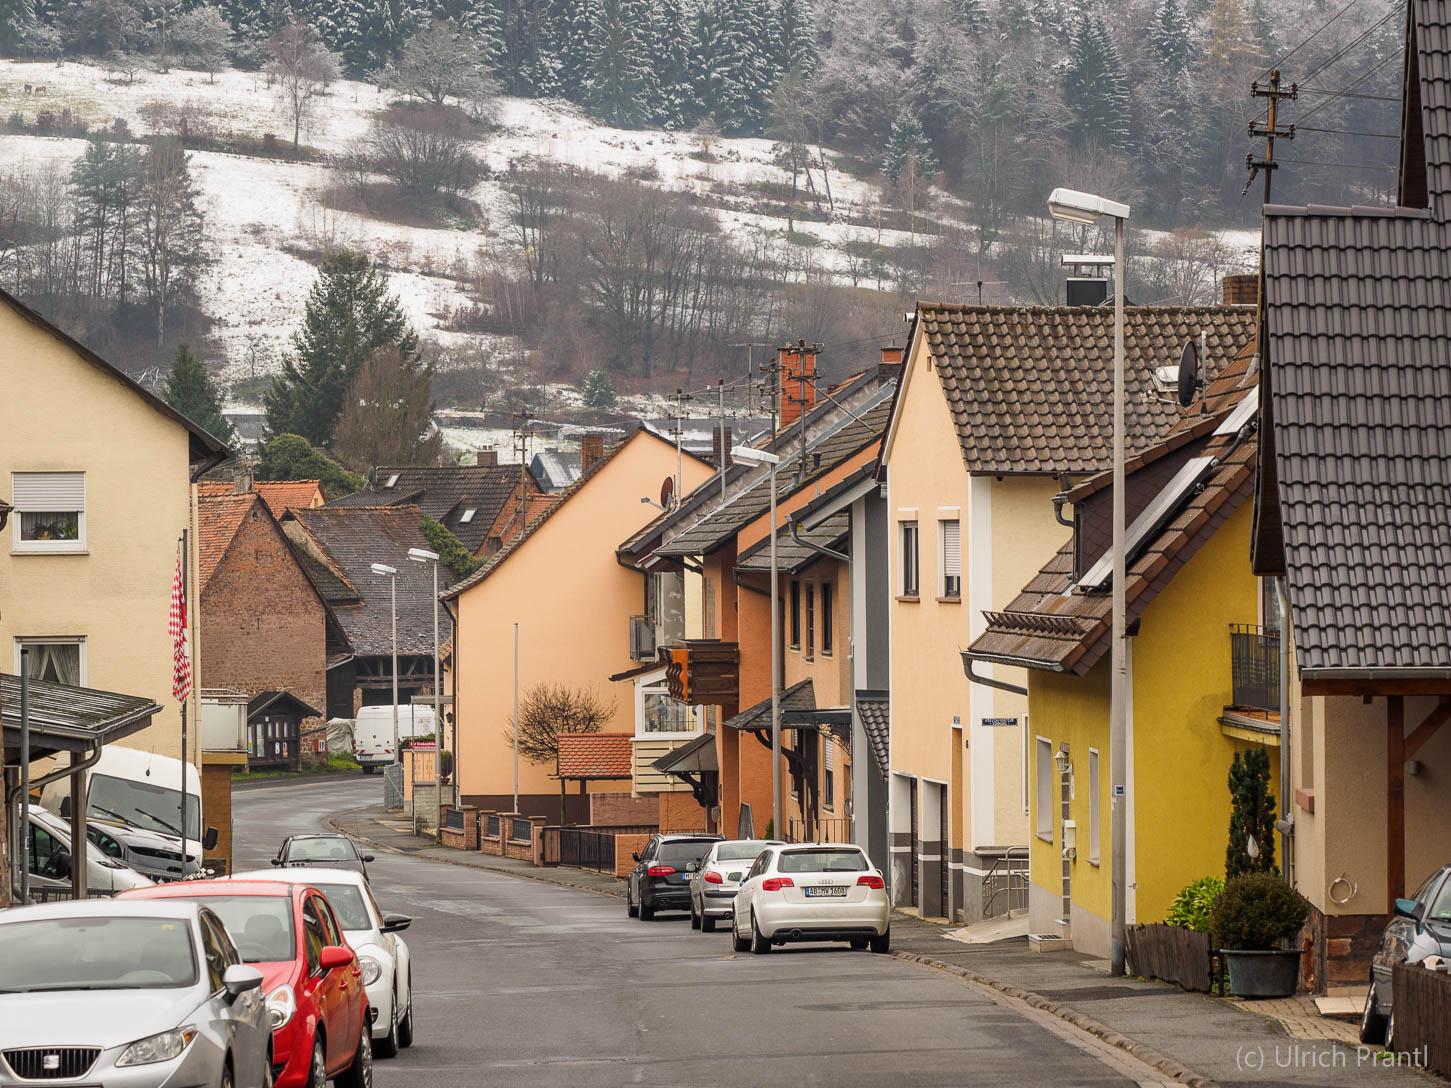 Dammbach Krausenbach